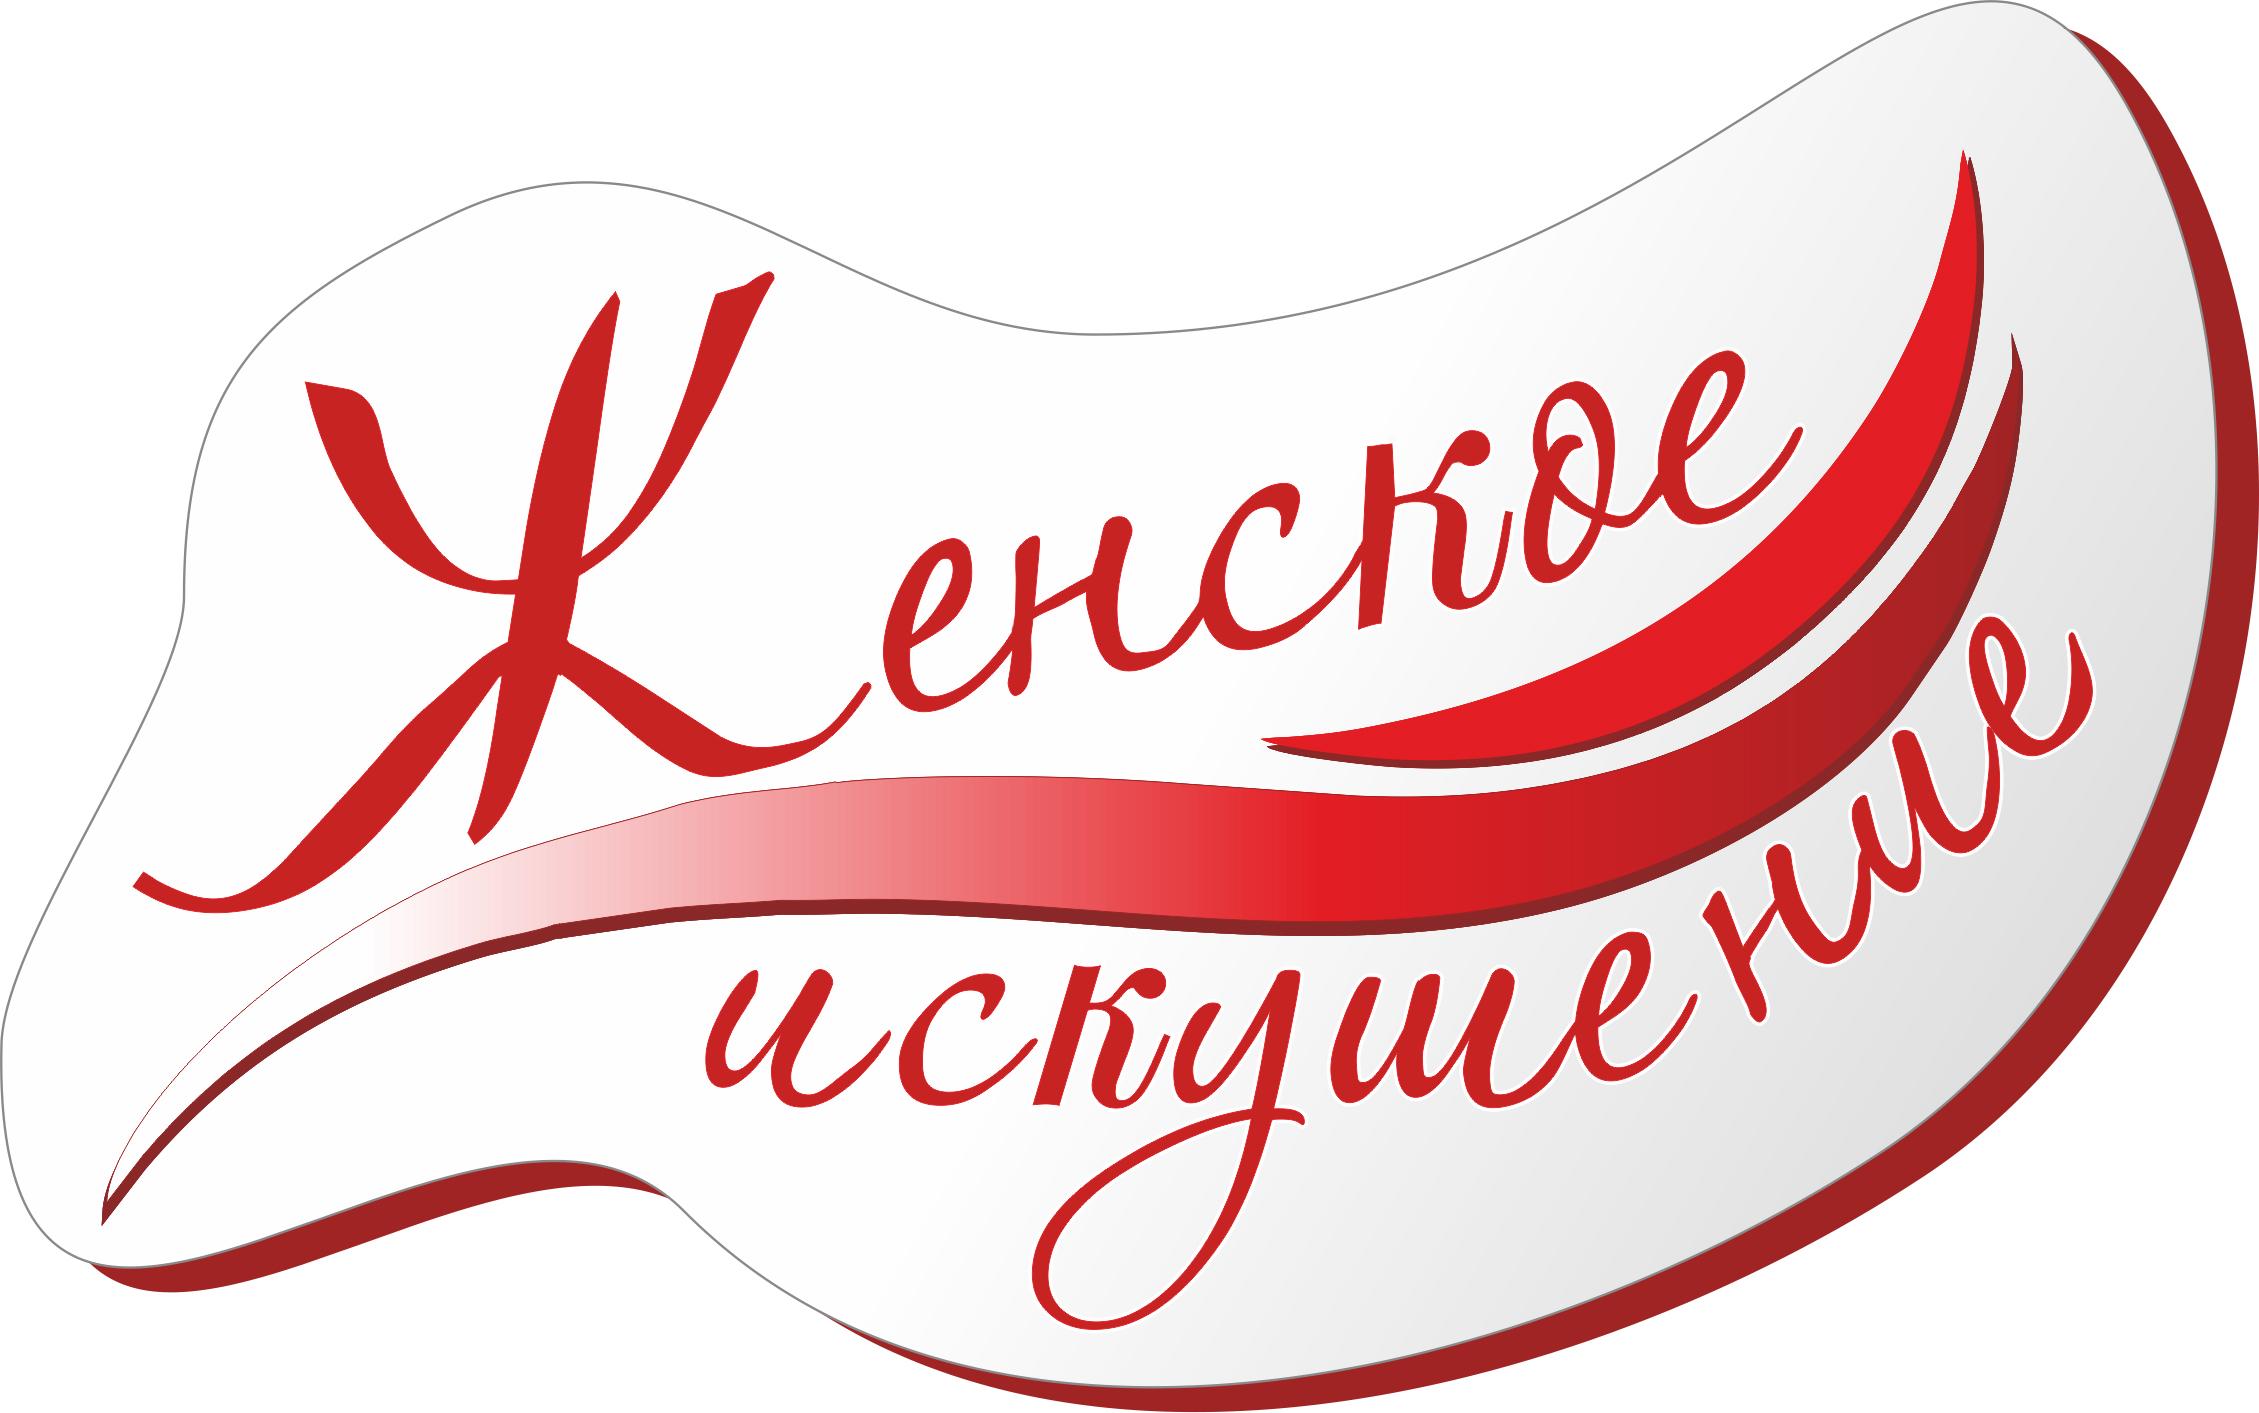 Логотип Женское искушение